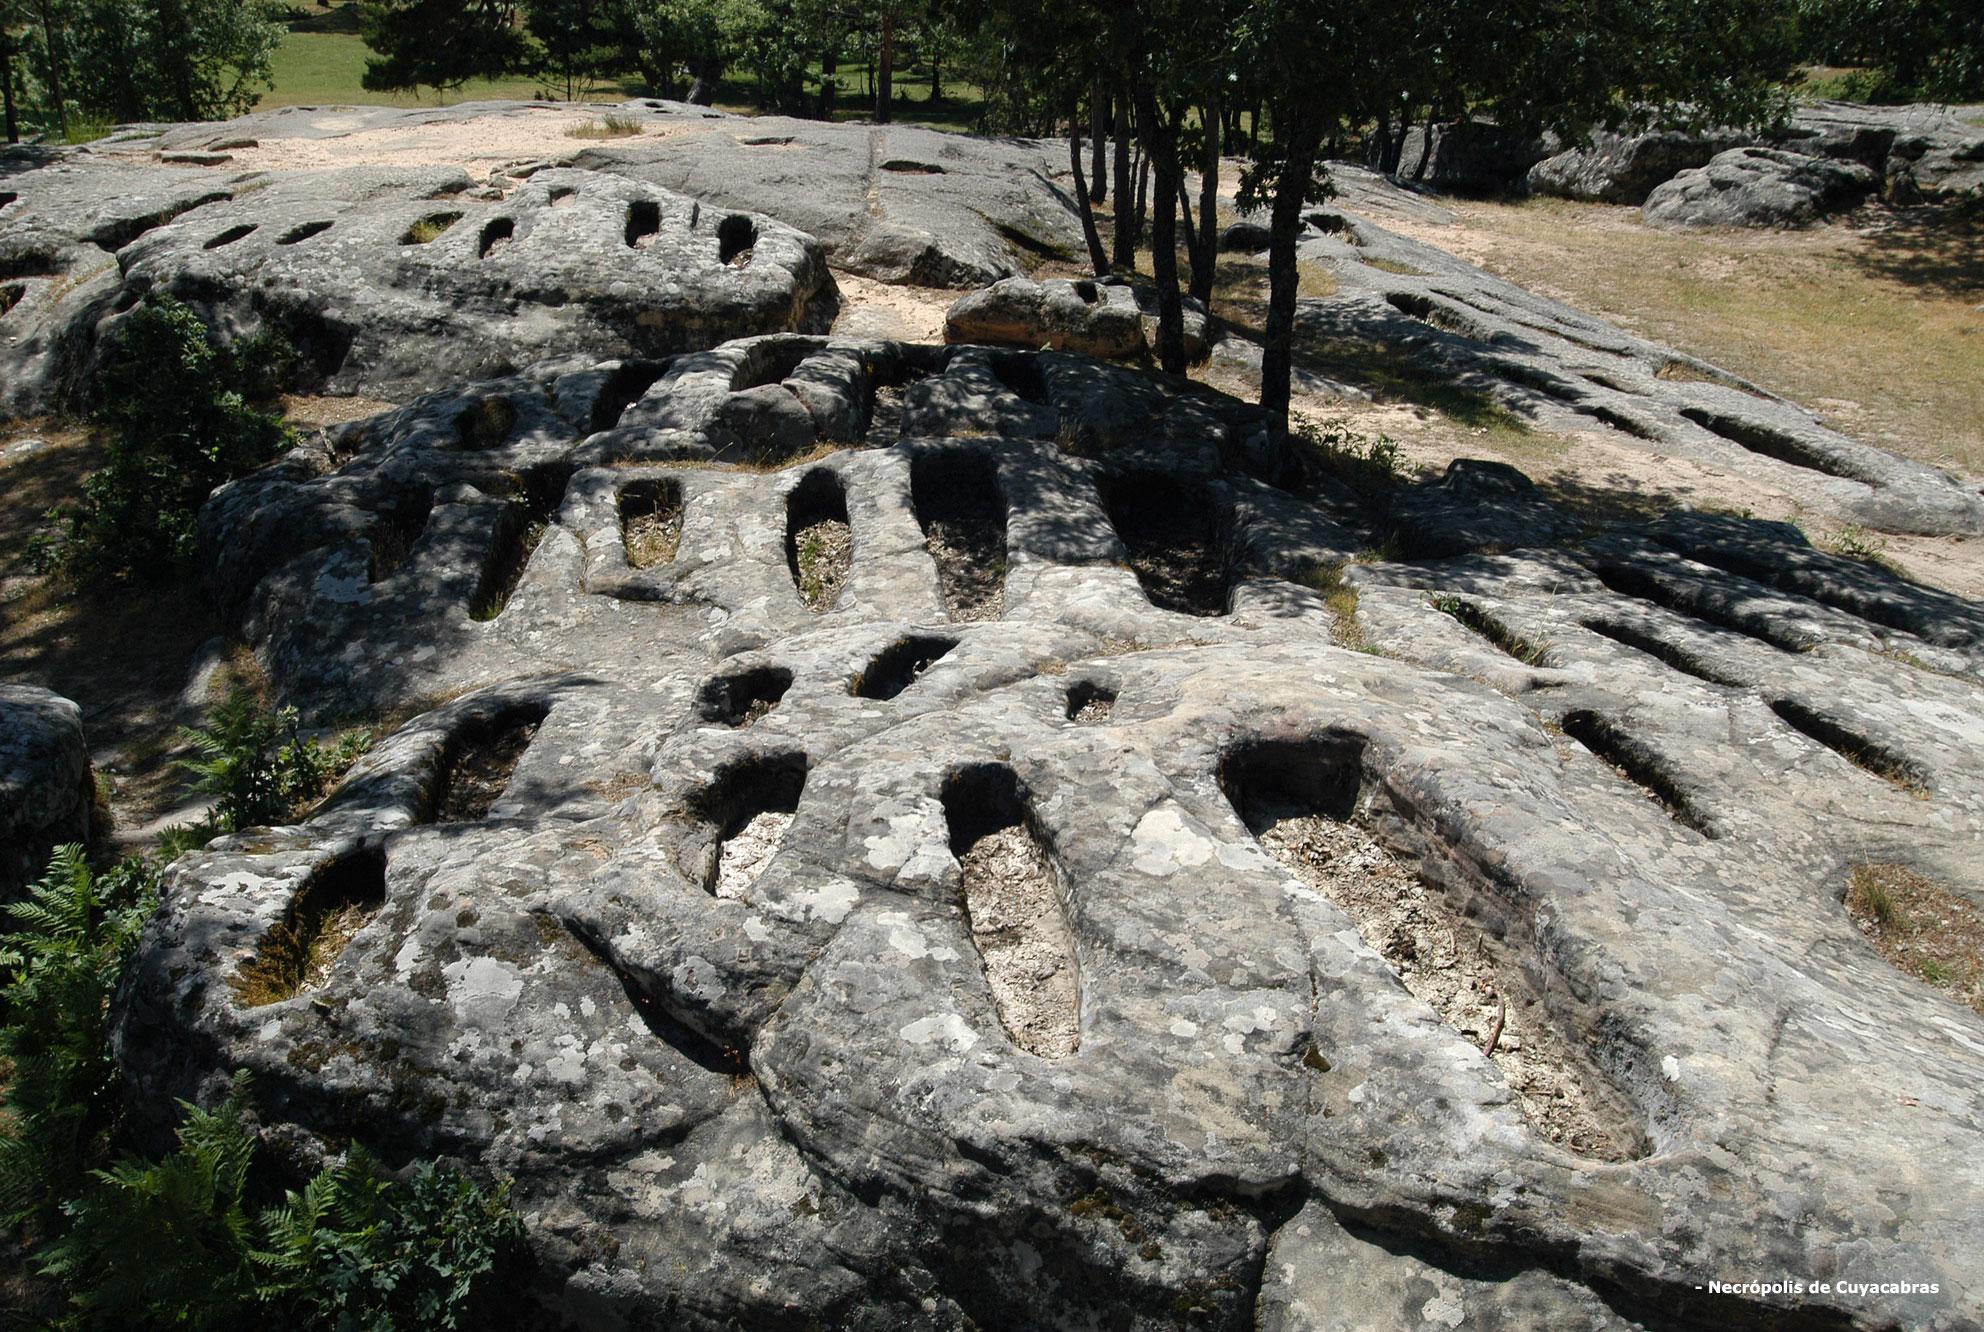 necropolis-cuyacabras